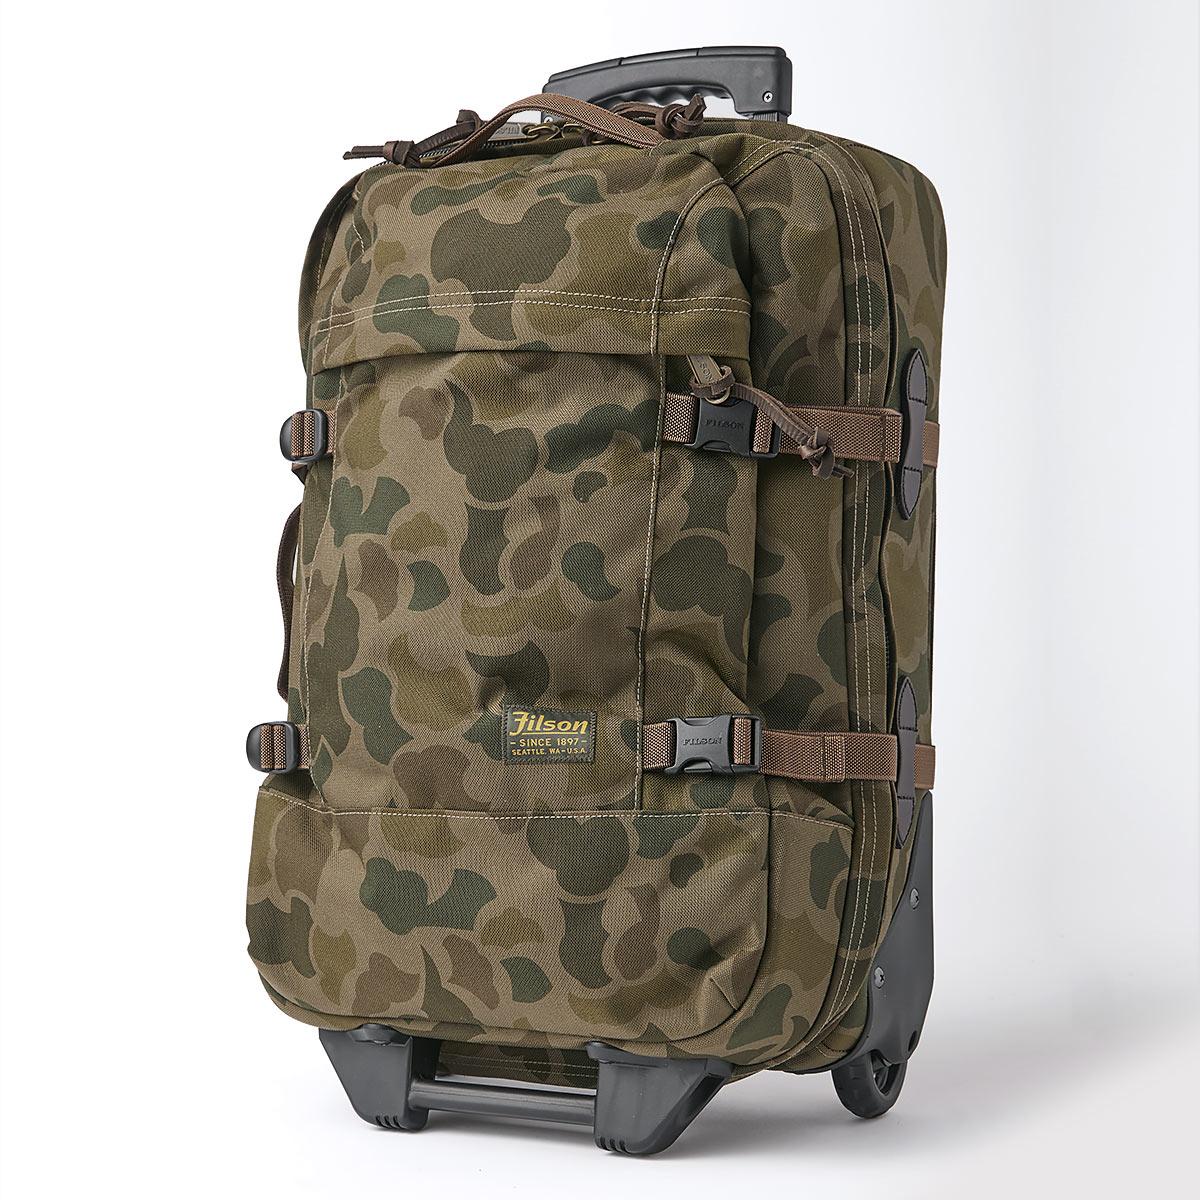 Filson Dryden Dryden 2-Wheel Rolling Carry-On Bag 20047728-Dark Shrub Camo, Koffer hergestellt aus reißfestem ballistischem Nylon für jahrelanges, zuverlässiges Reisen